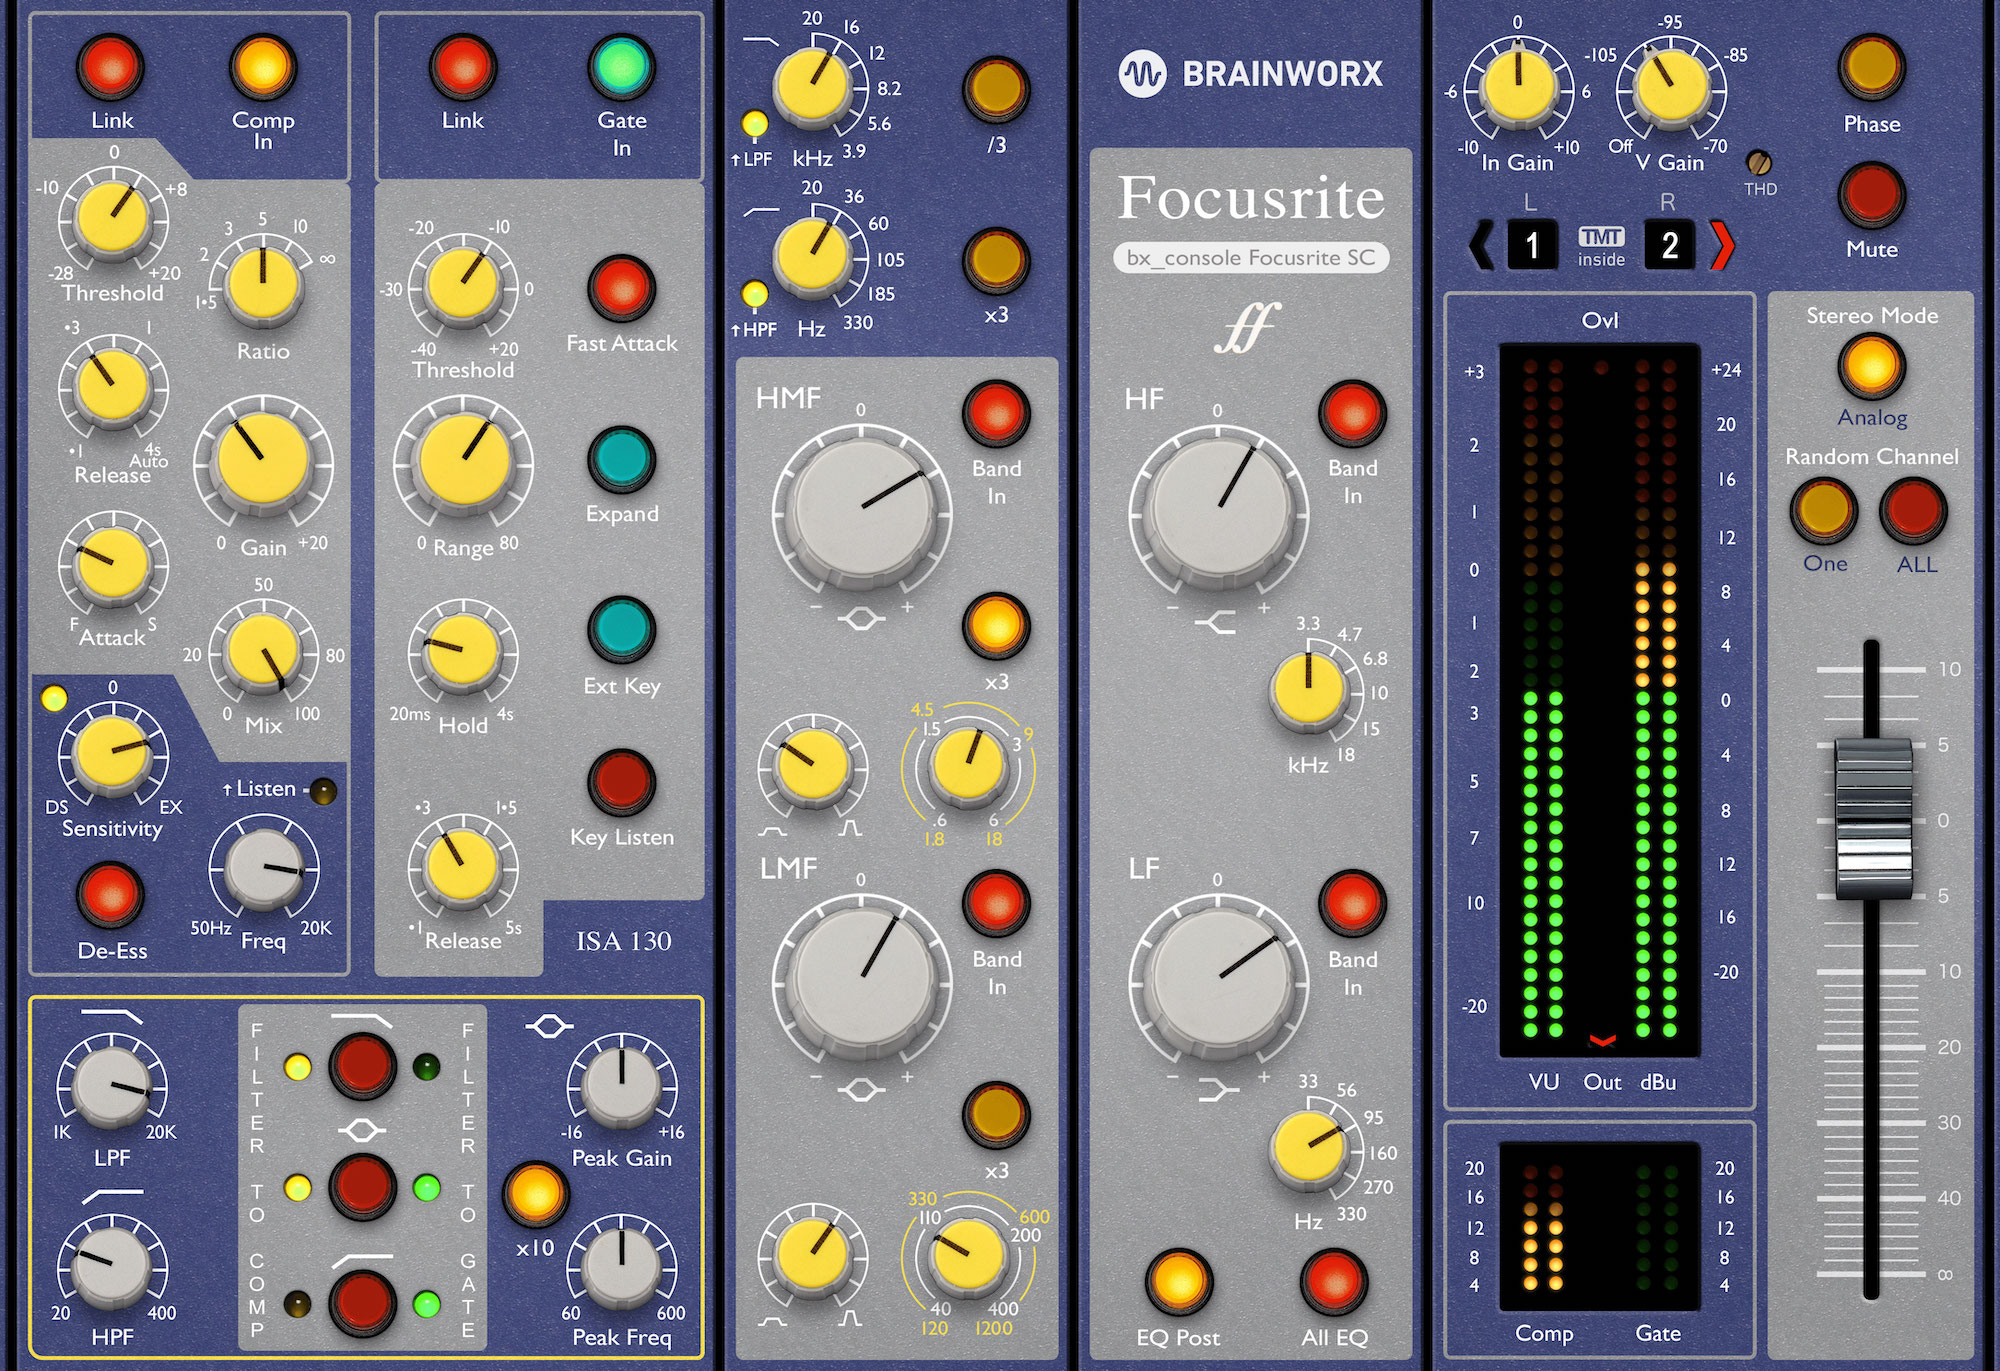 Brainworx - bx_console Focusrite SC